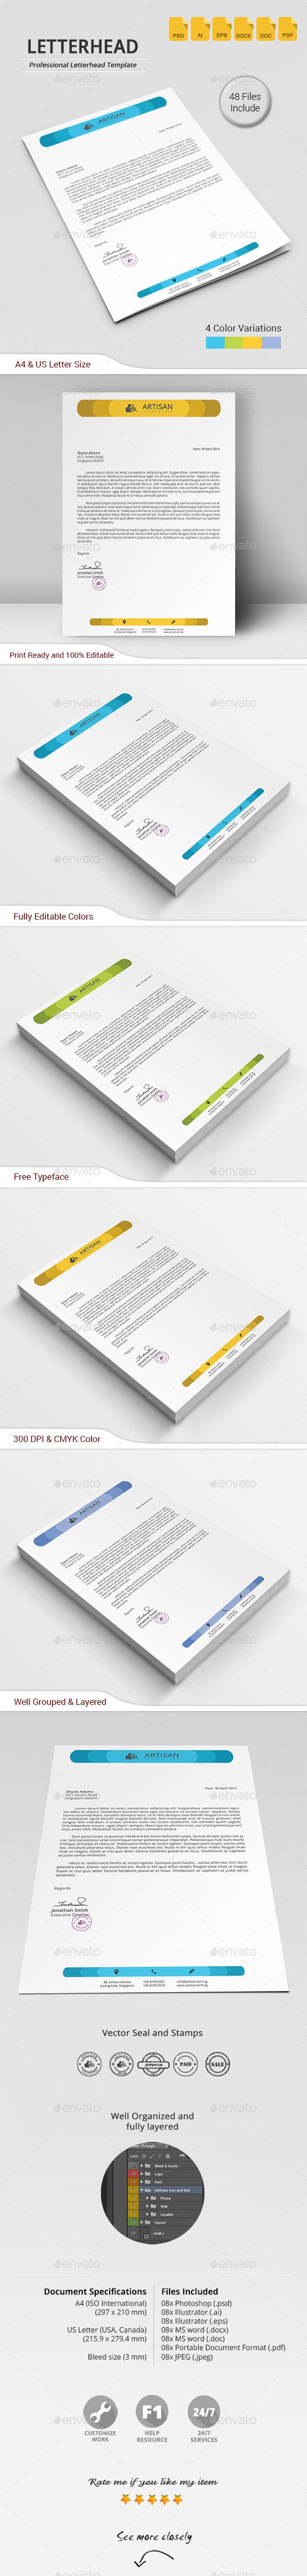 GraphicRiver Letterhead 11644687